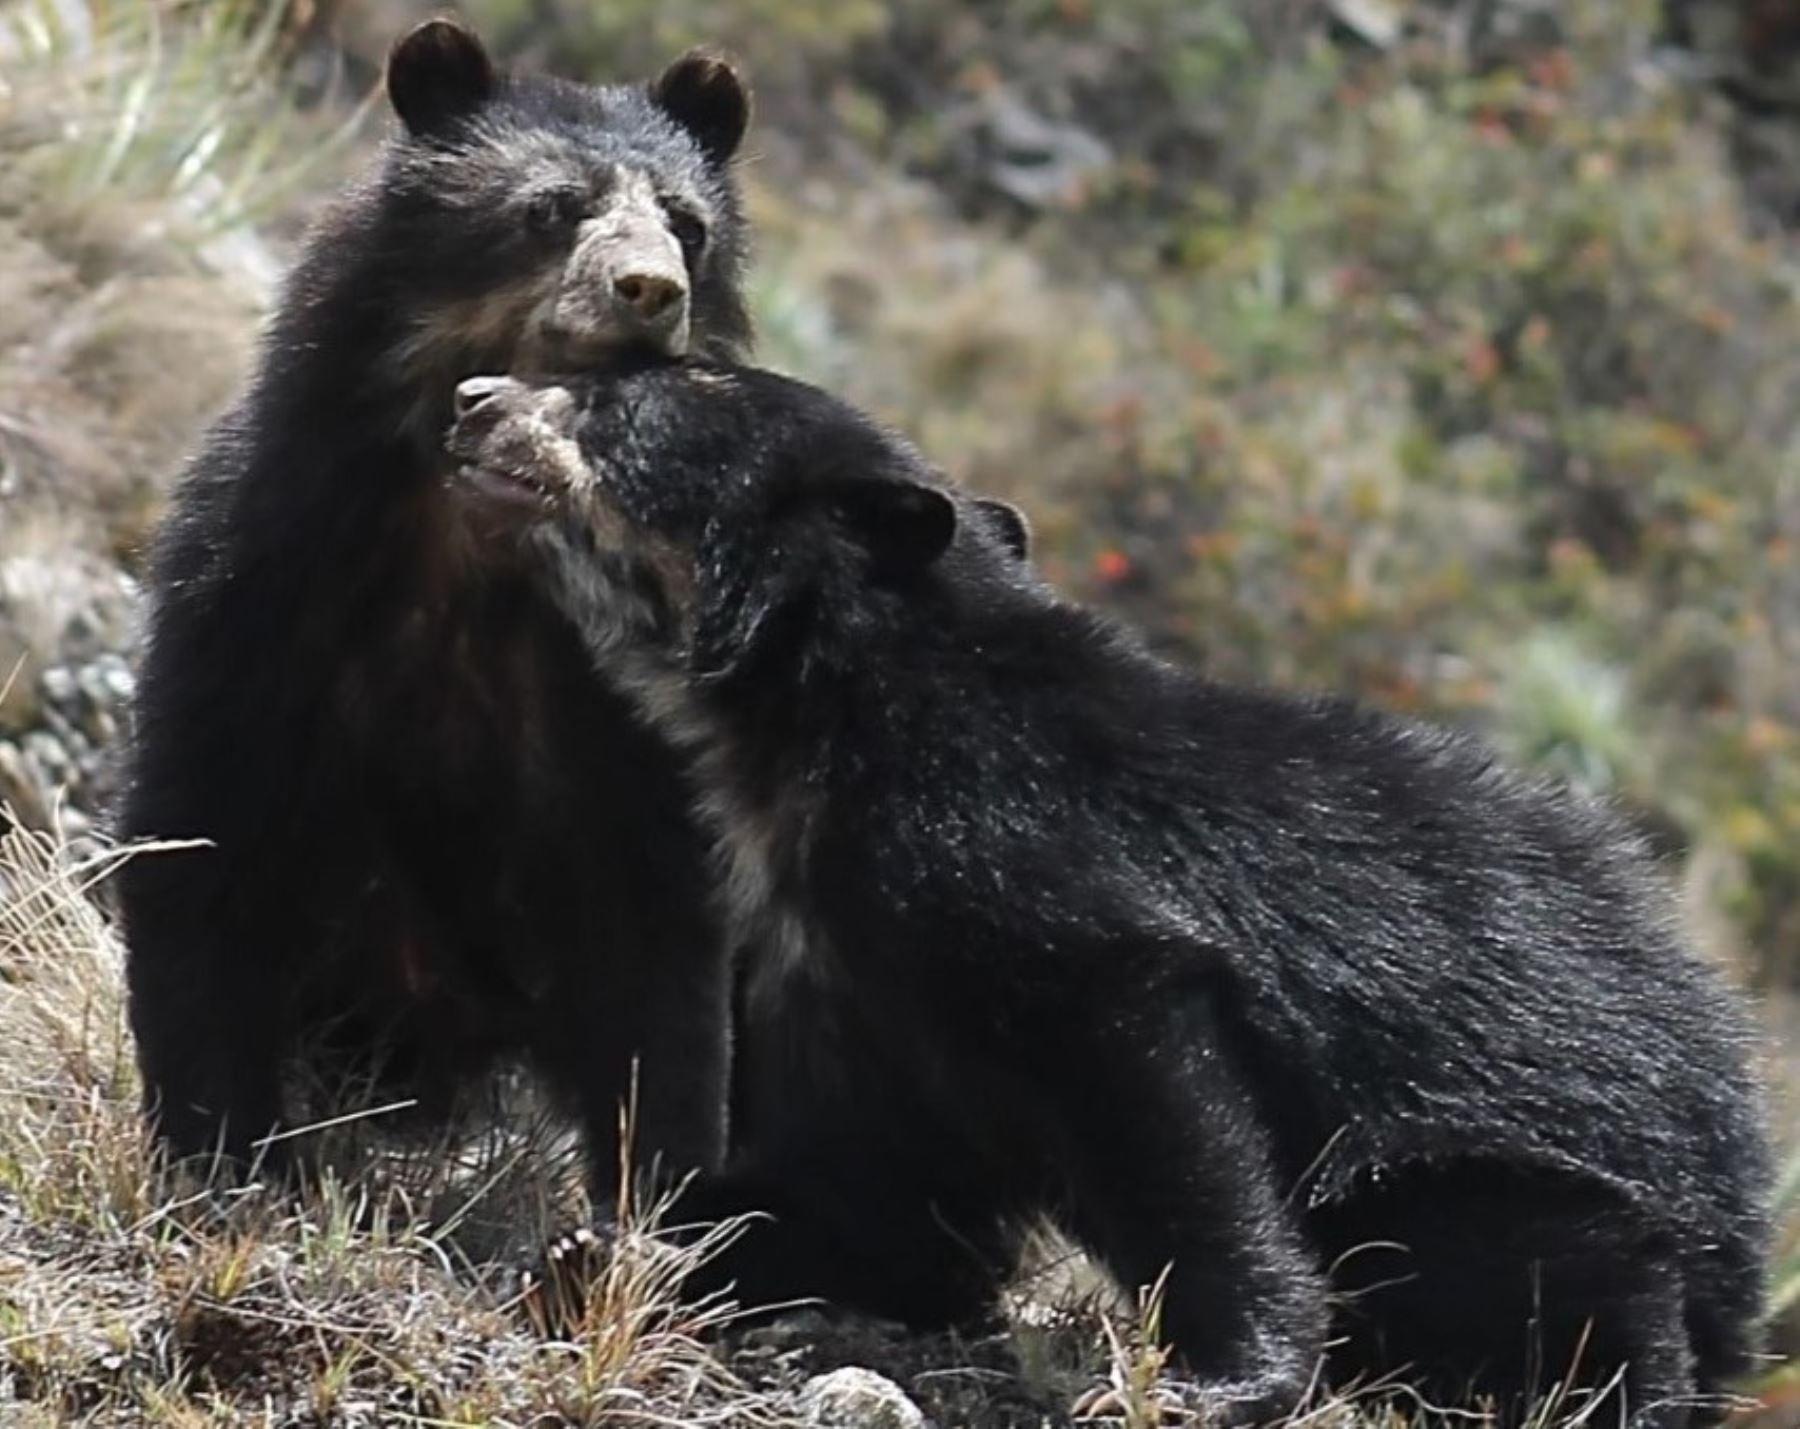 """La creación del Área de Conservación Regional """"Bosques Tropicales Estacionalmente Secos del Marañón"""" permitirá proteger a especies animales endémicas como el oso andino. ANDINA/Difusión"""